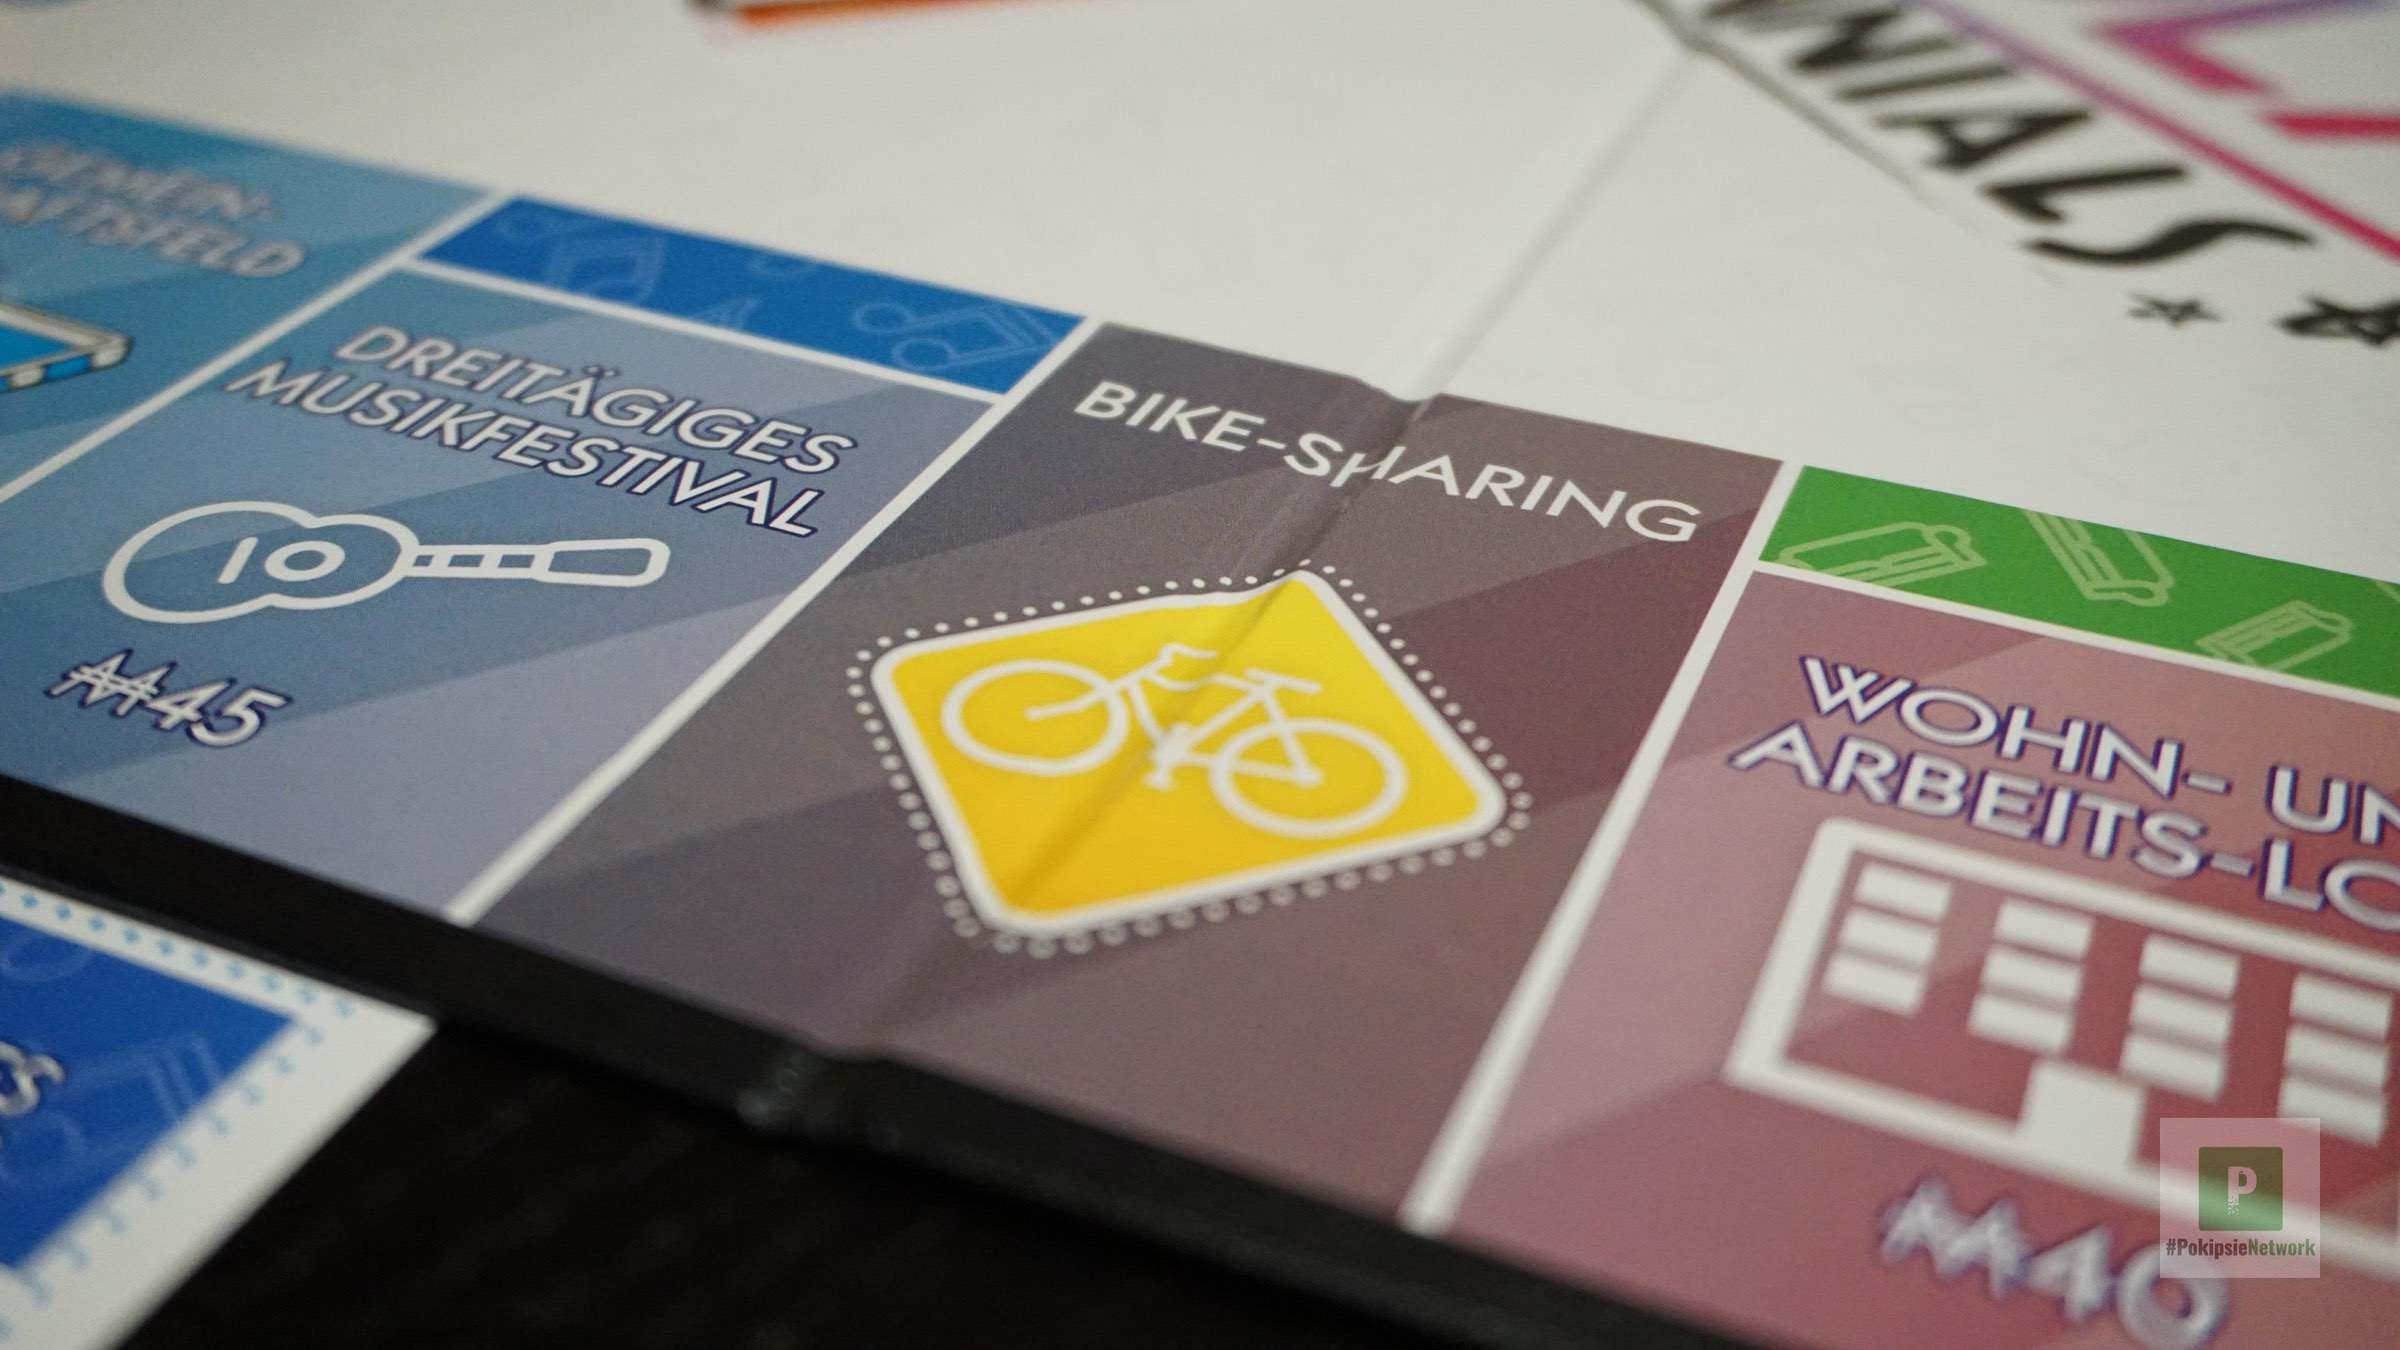 Bike-Sharing Feld